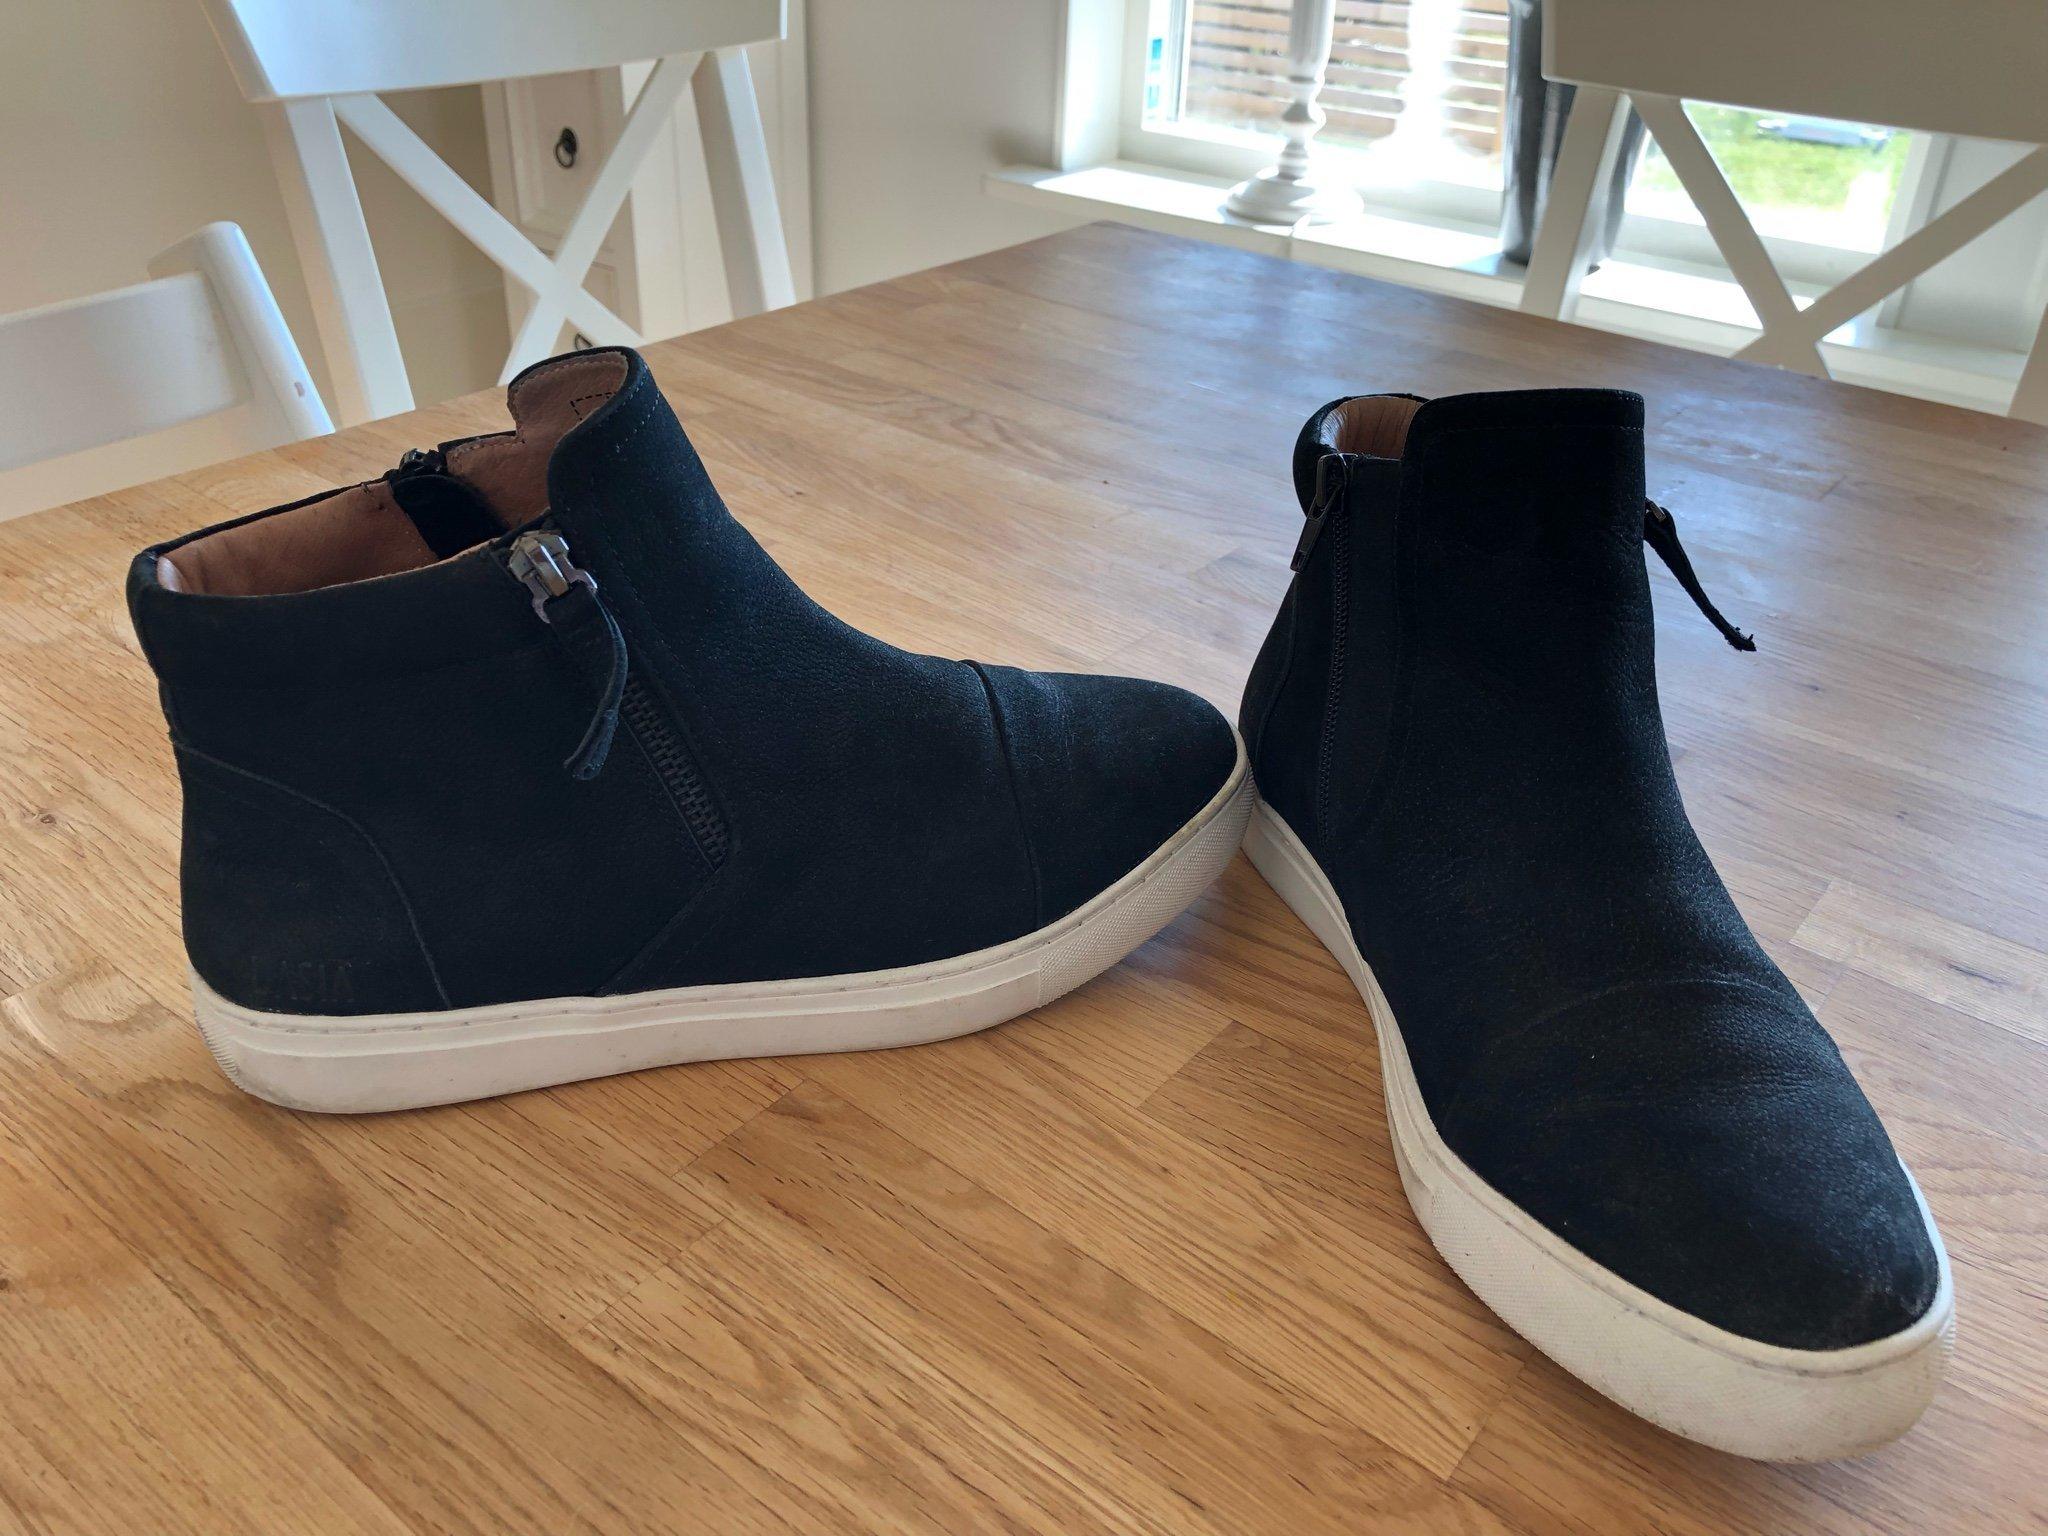 923089ee7ed Sneakers från Dasia och Scorett (346395579) ᐈ Köp på Tradera